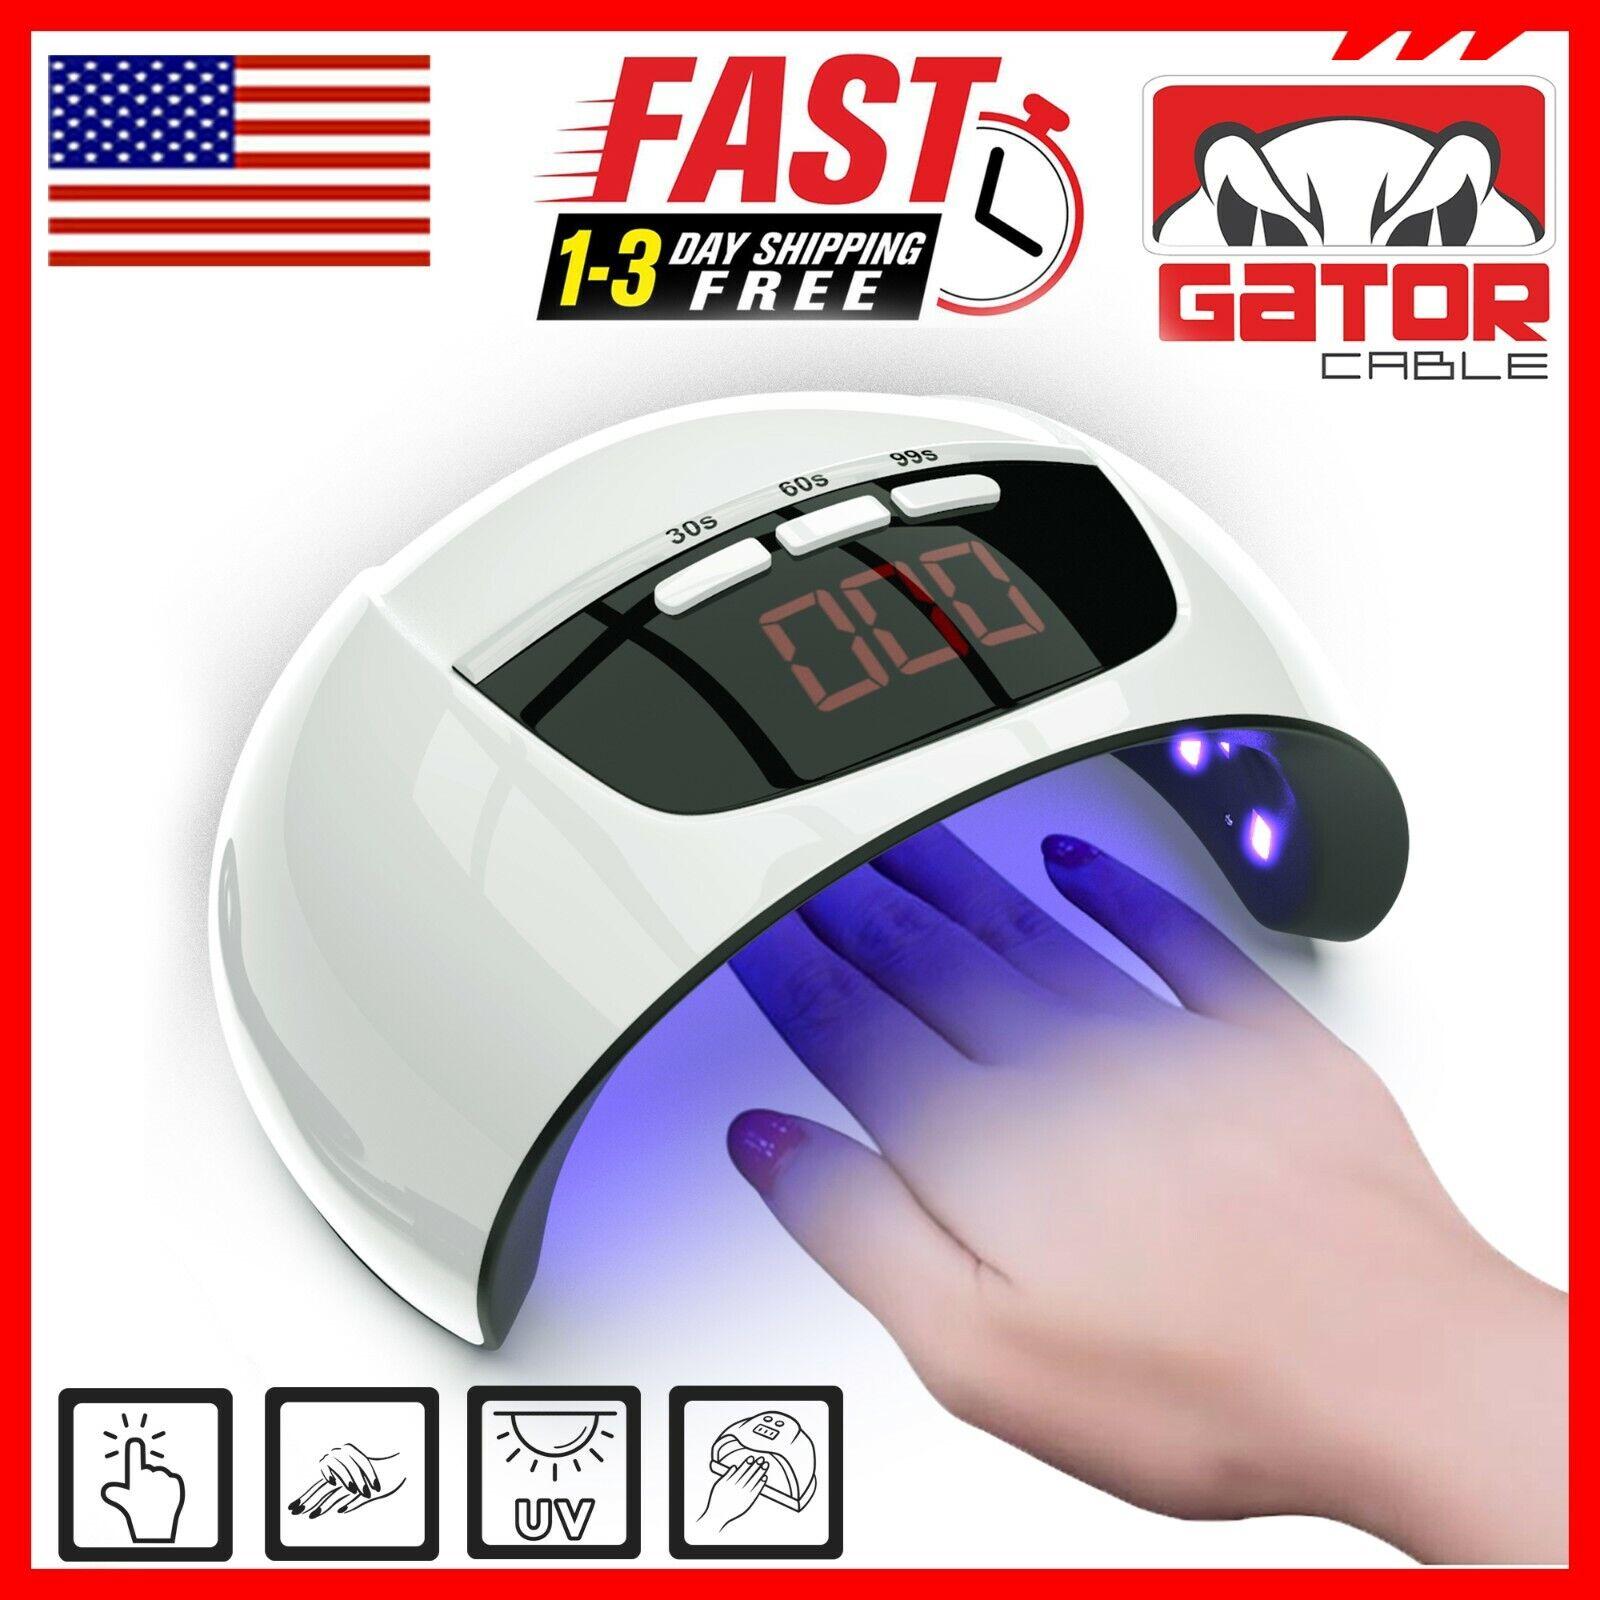 Ultraviolet UV Light LED Nails Gel Polish Dryer Lamp Salon Manicure Curing 54W